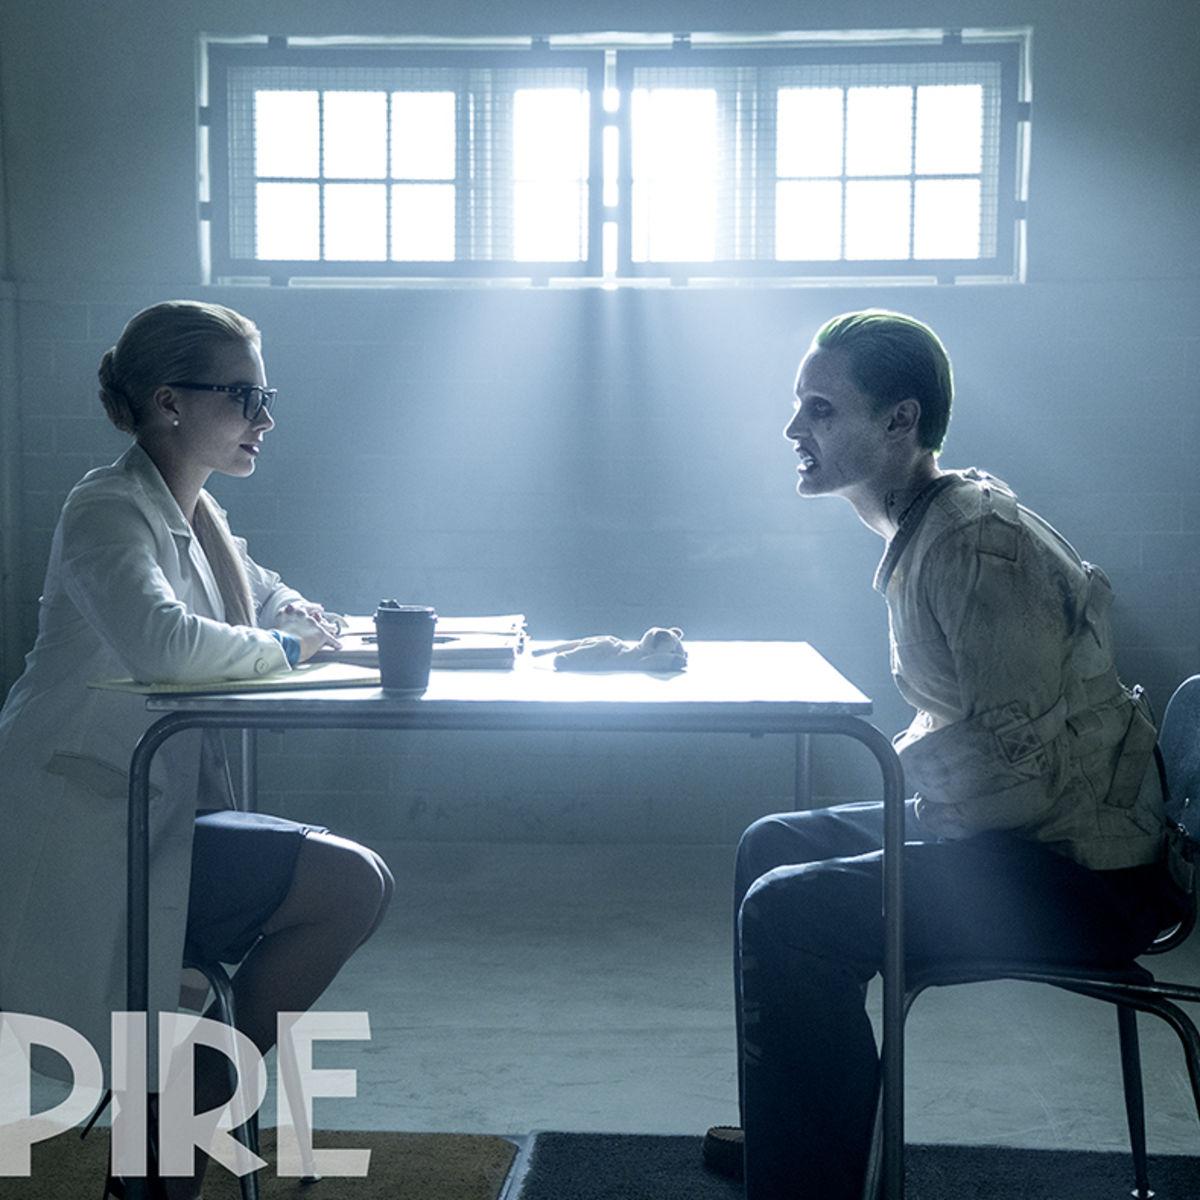 Suicide-Squad-Harleen-Quinzel-and-Joker.jpg